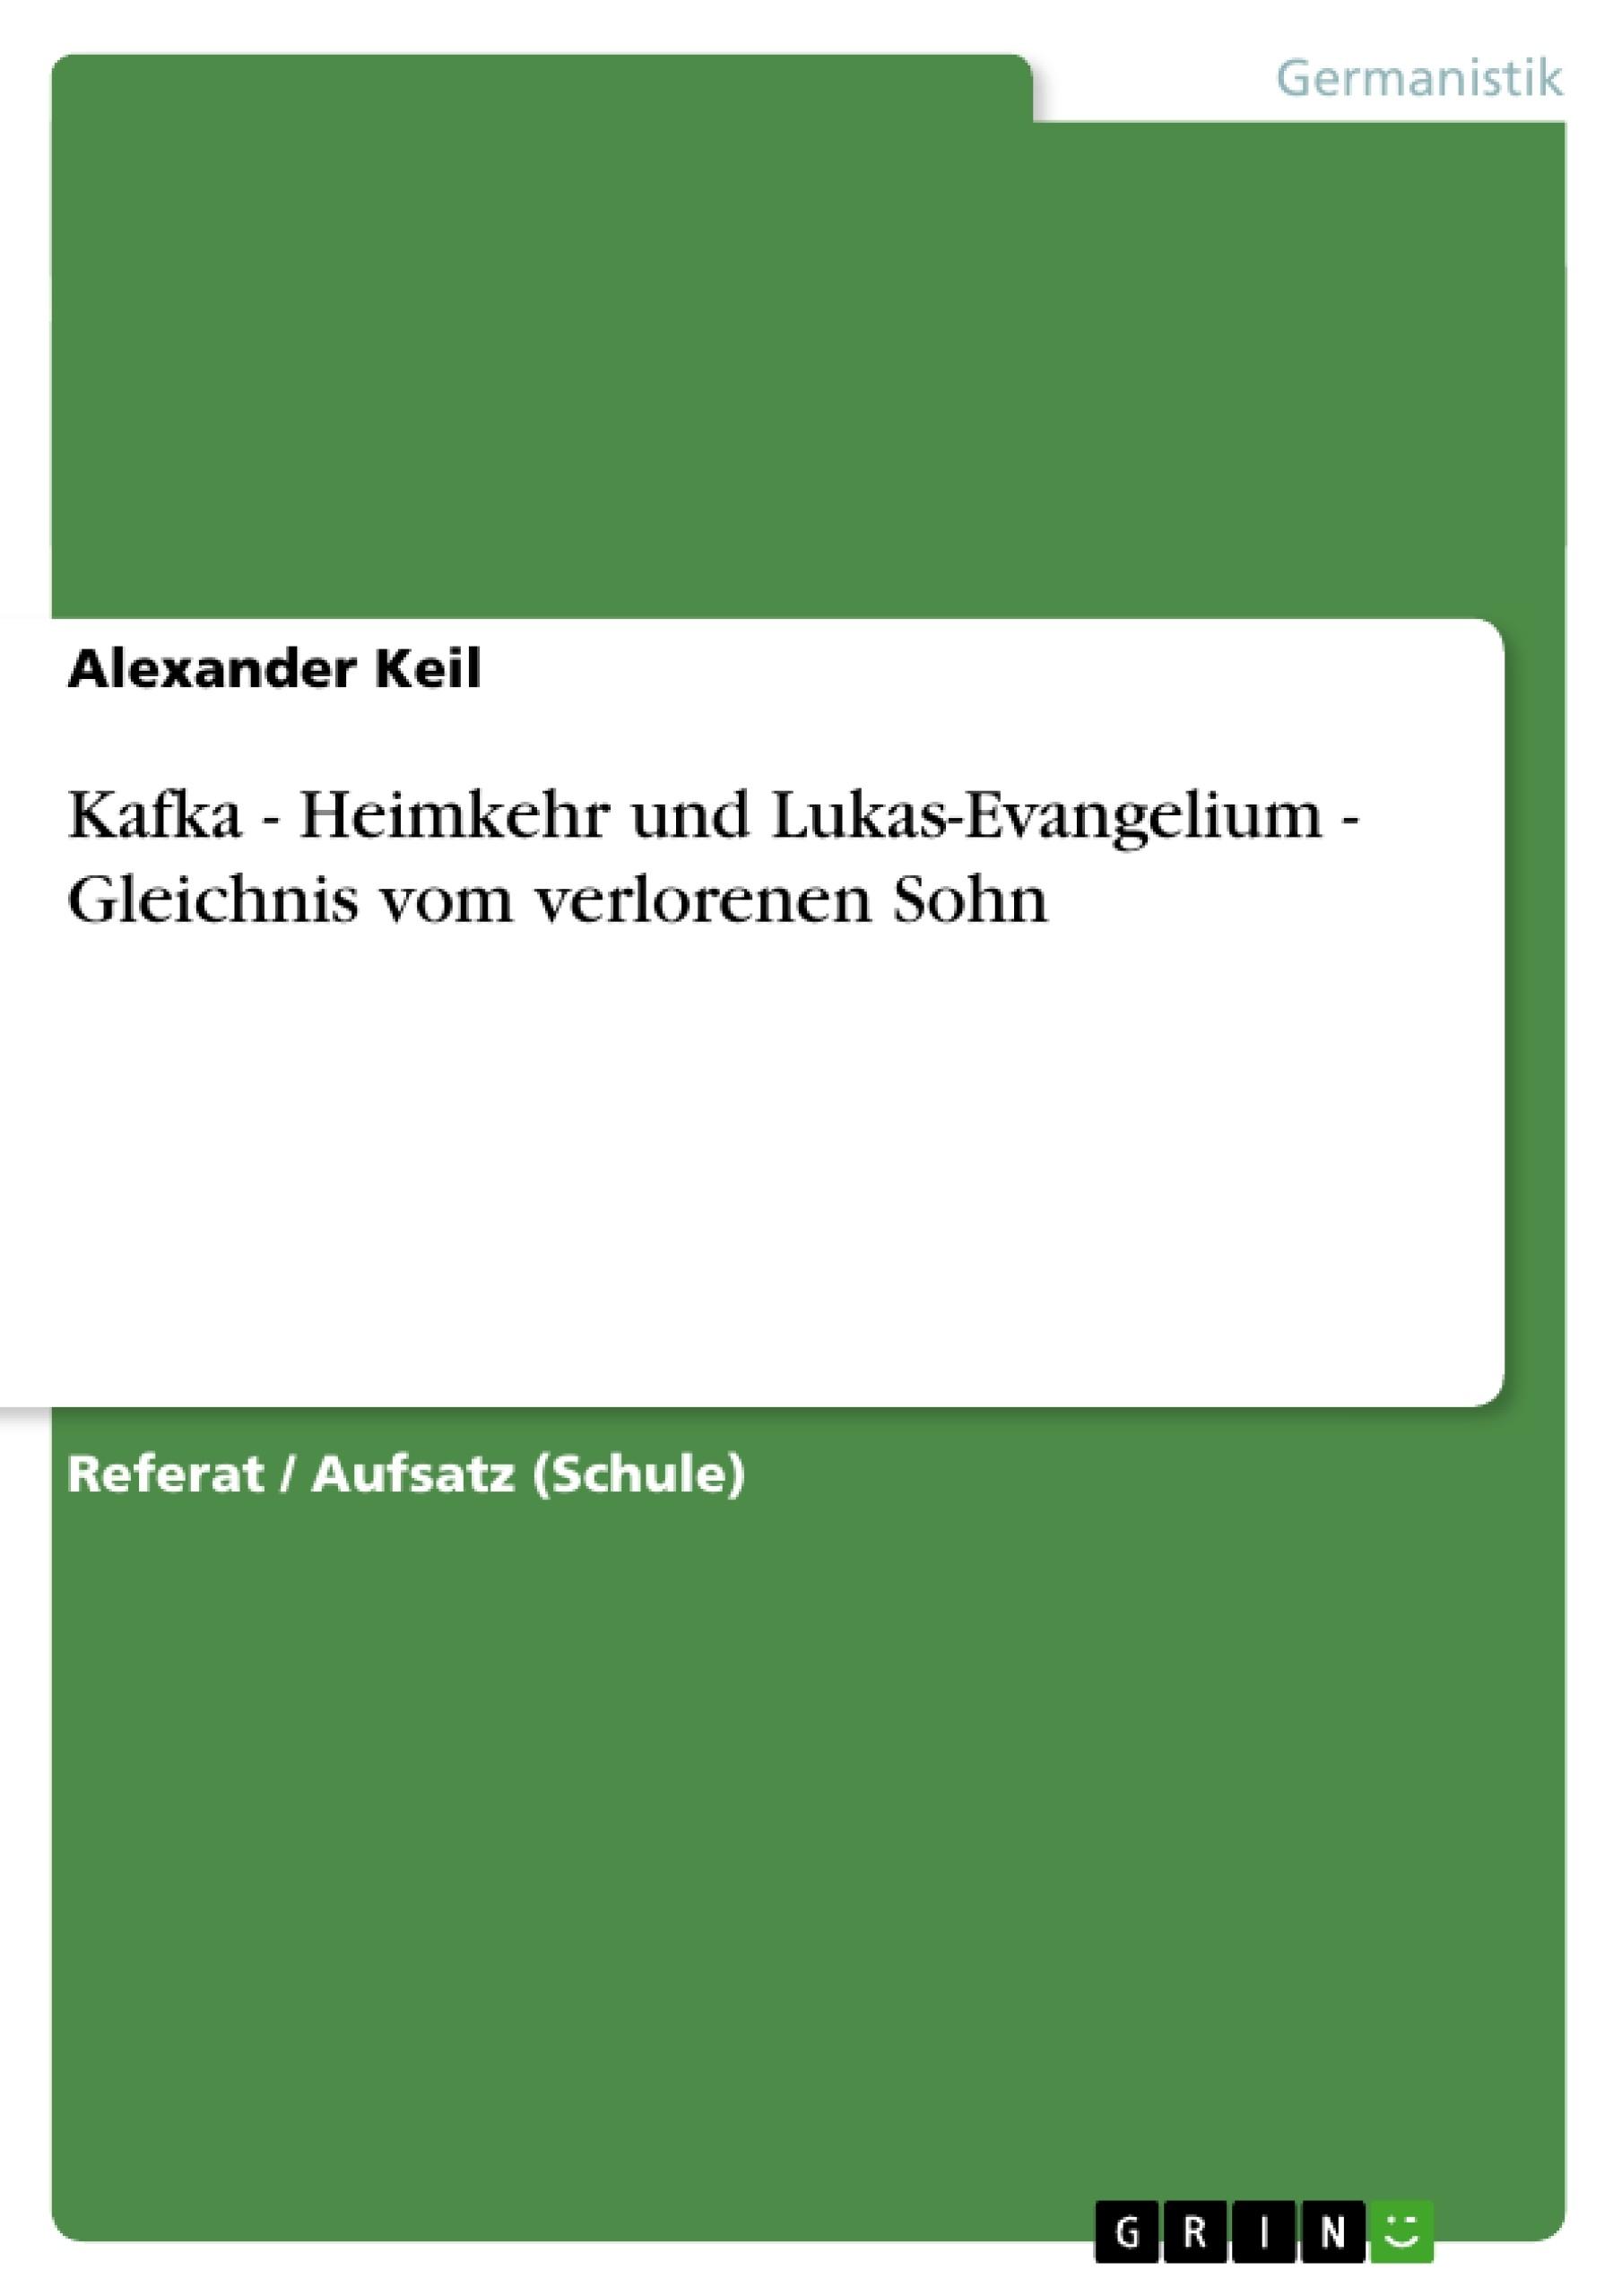 Titel: Kafka - Heimkehr und Lukas-Evangelium - Gleichnis vom verlorenen Sohn